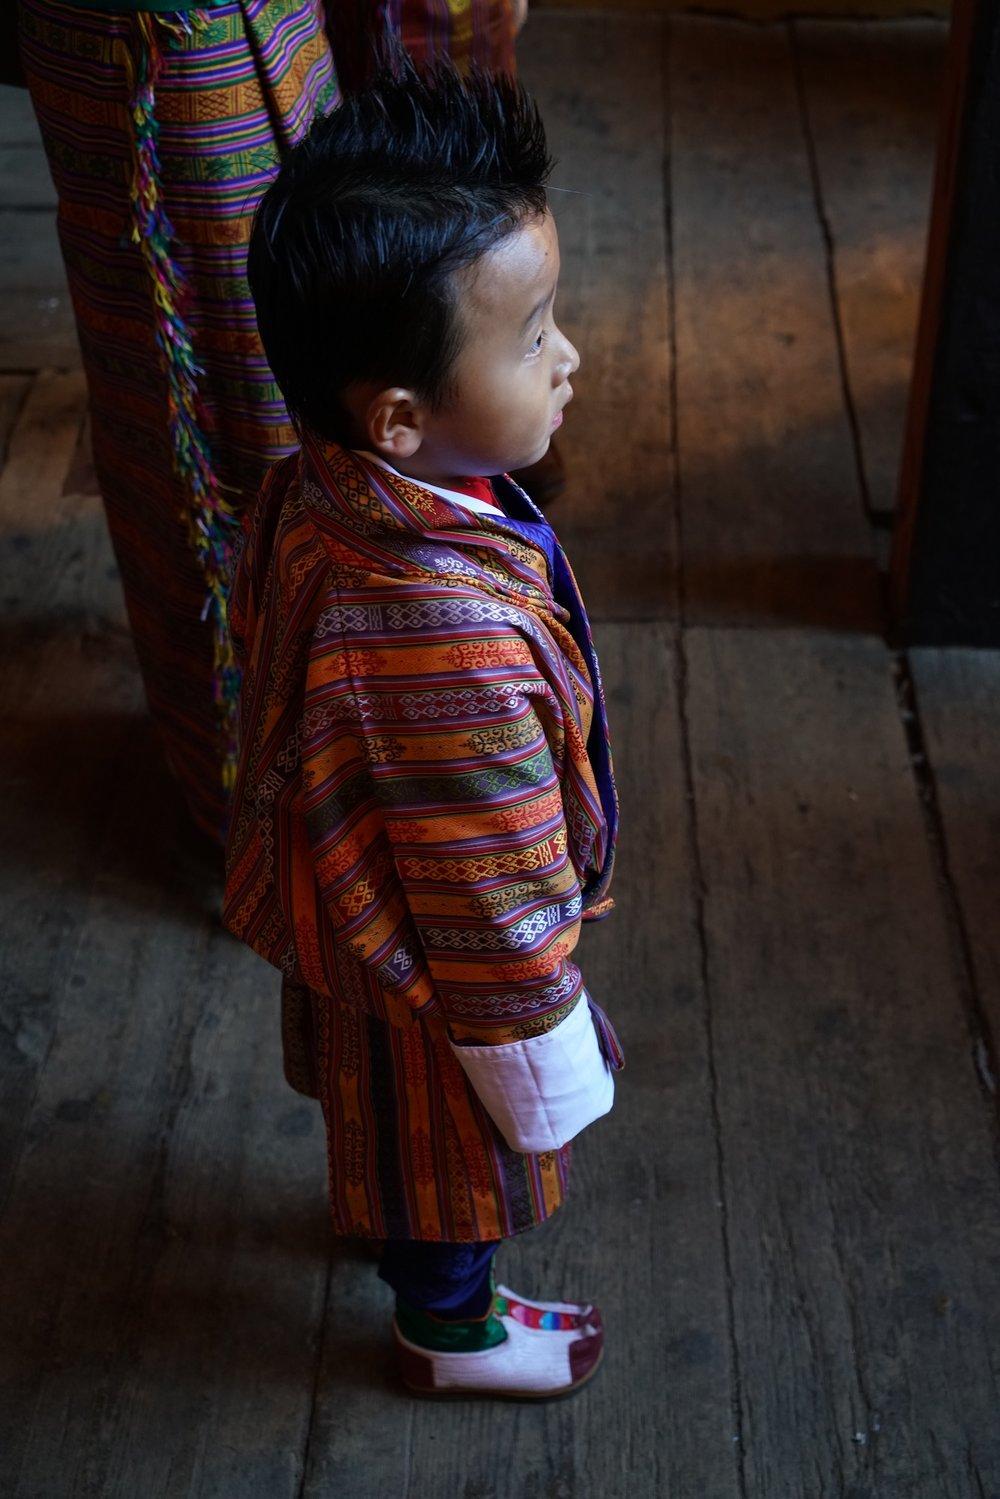 Bhutan-11-17-16- DSC03738.jpg